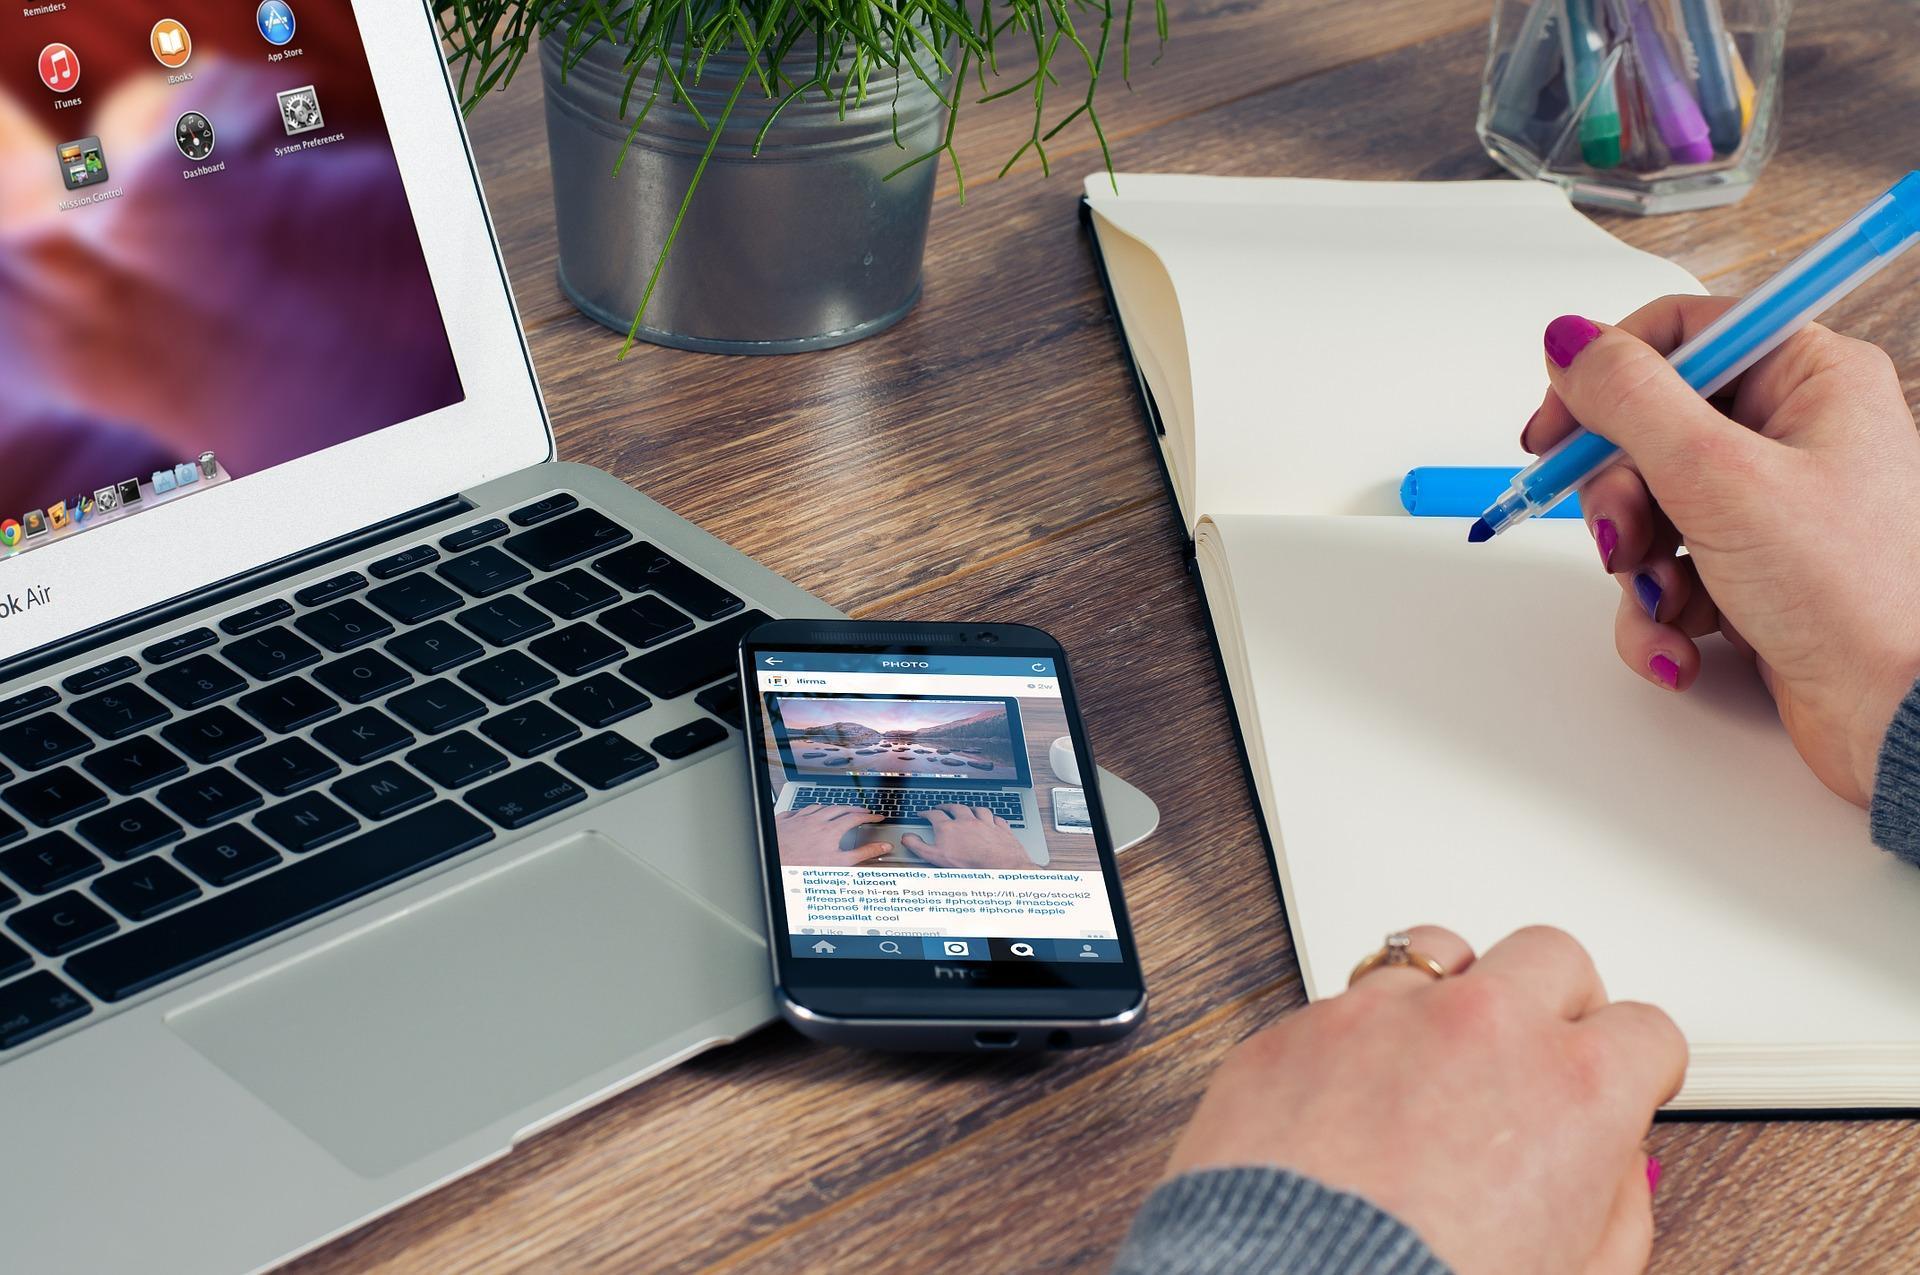 Puisella pöydällä kannettava tietokone, kännykkä, muistiopaperi ja kynäteline. Naisen kädet tussi valmiina kirjaamaan asioita.